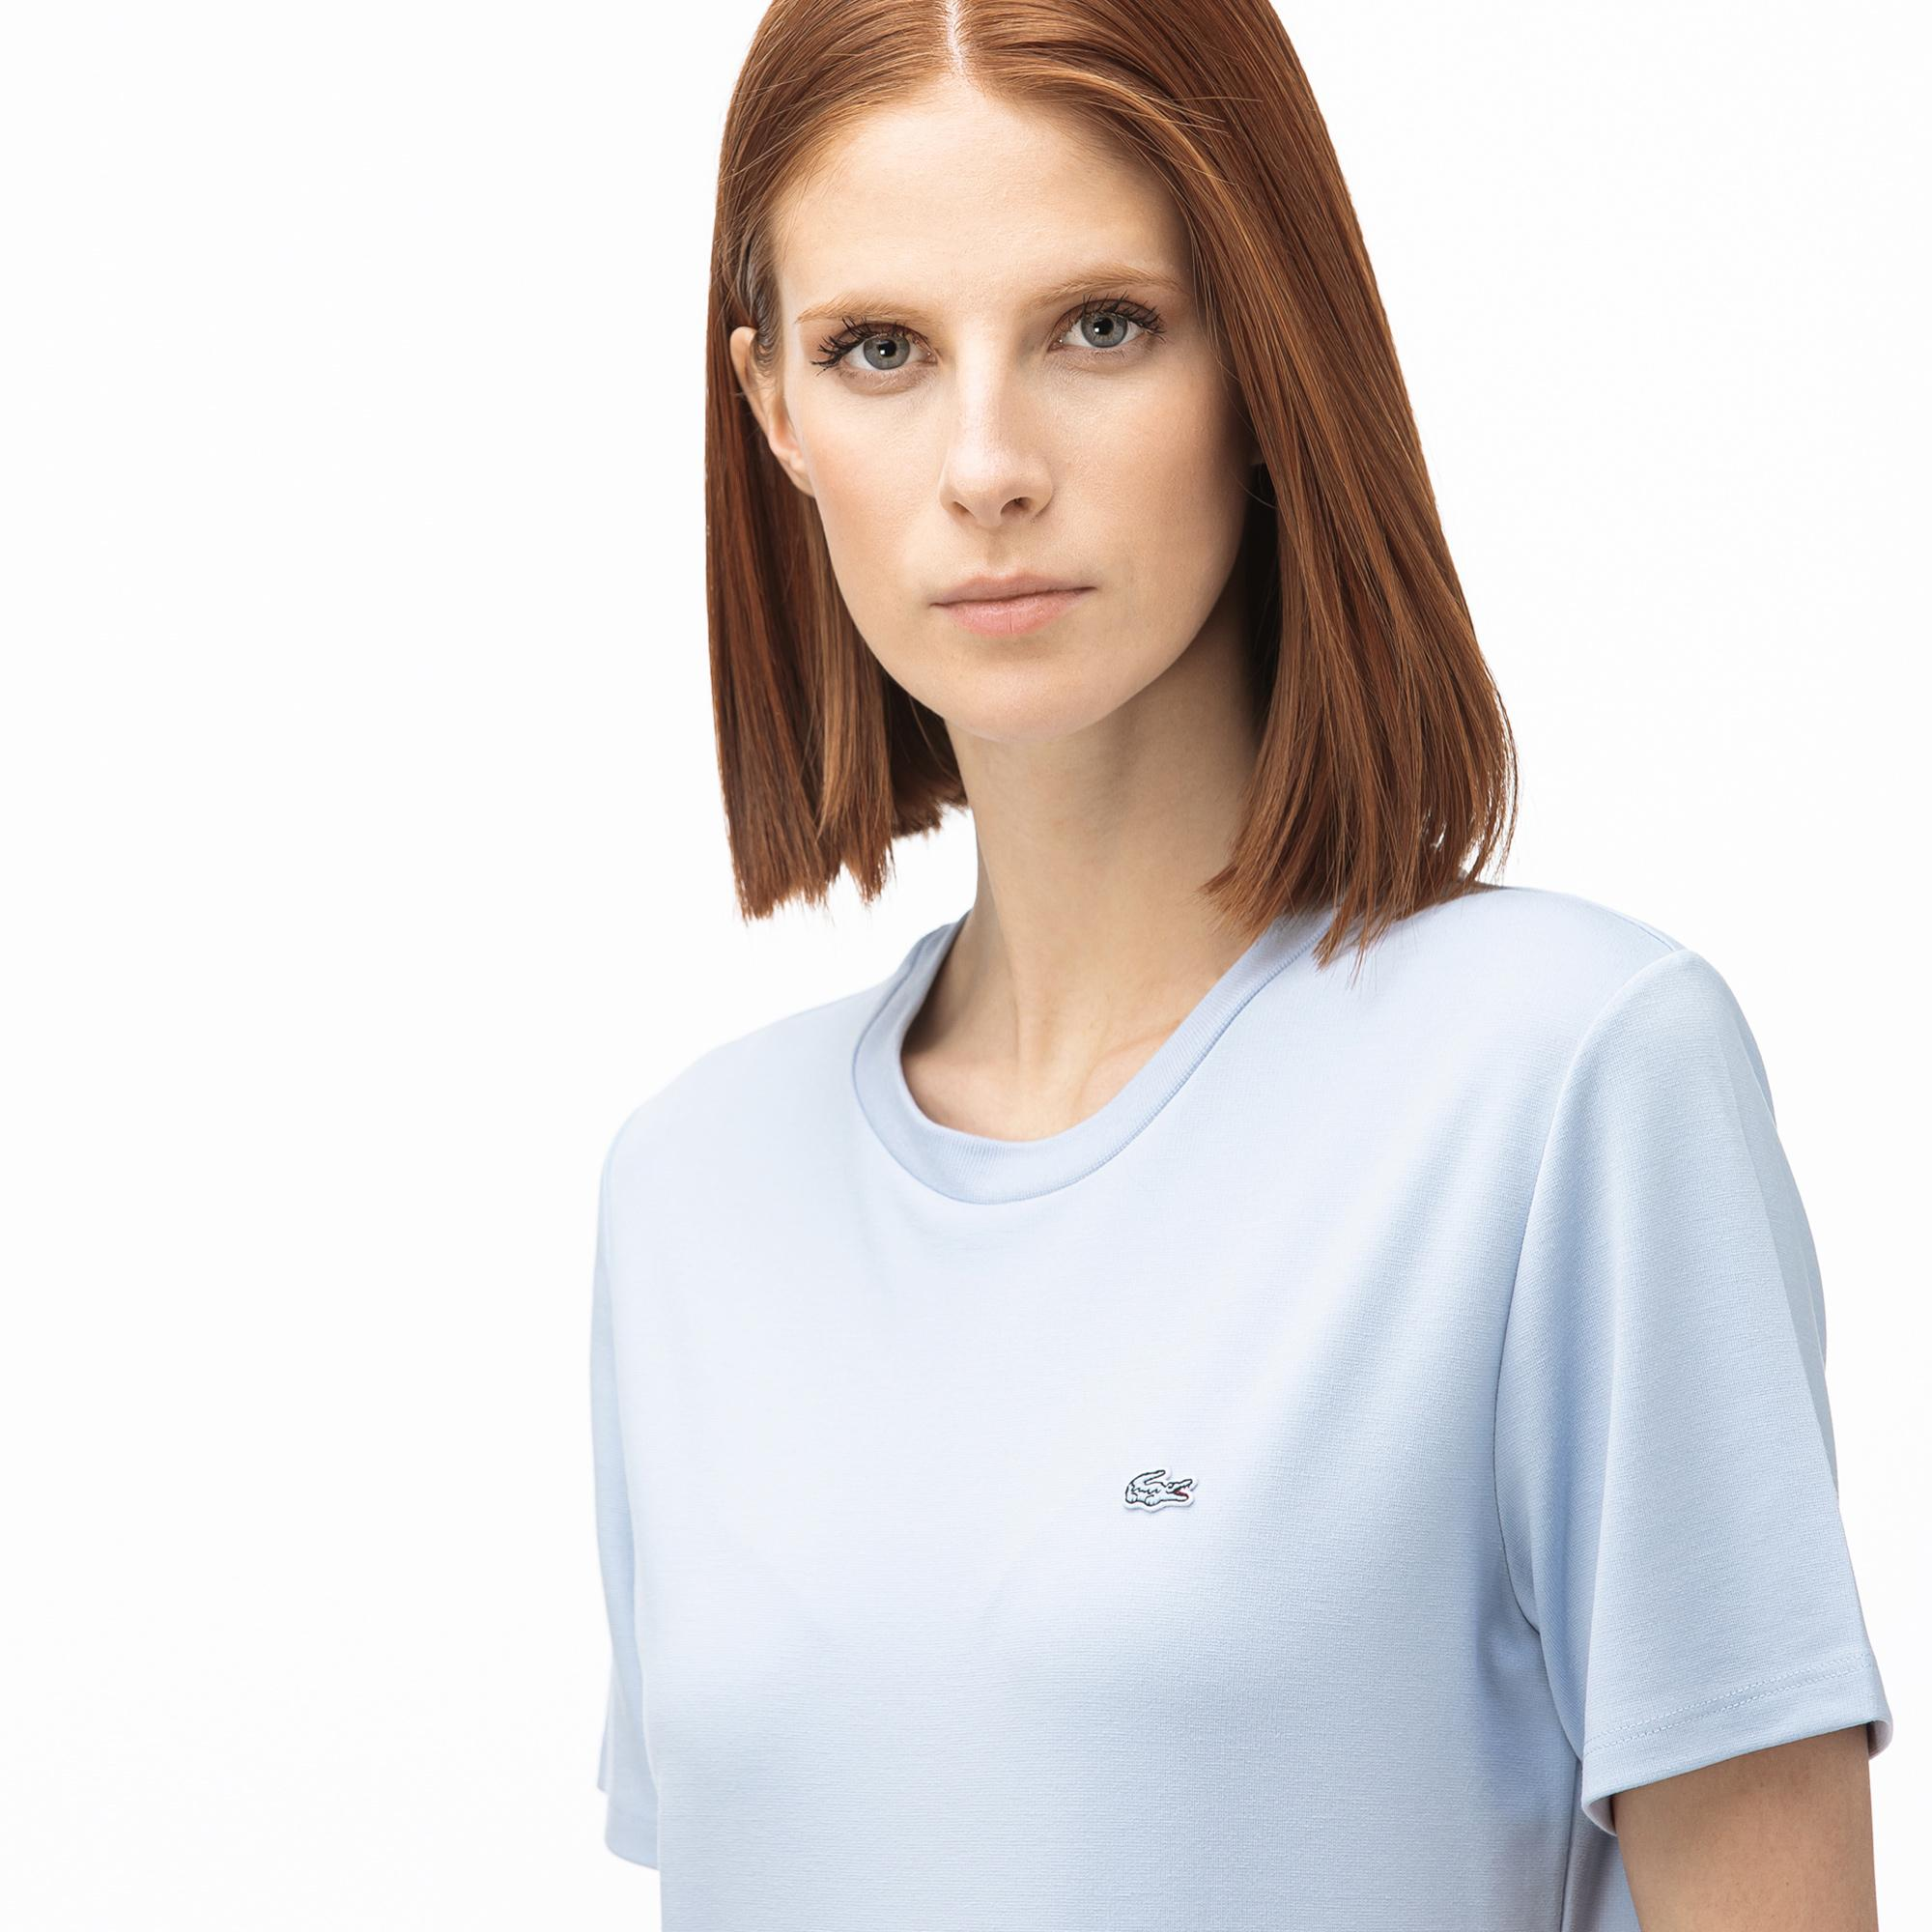 Lacoste Kadın Kayık Yaka Açık Mavi T-Shirt